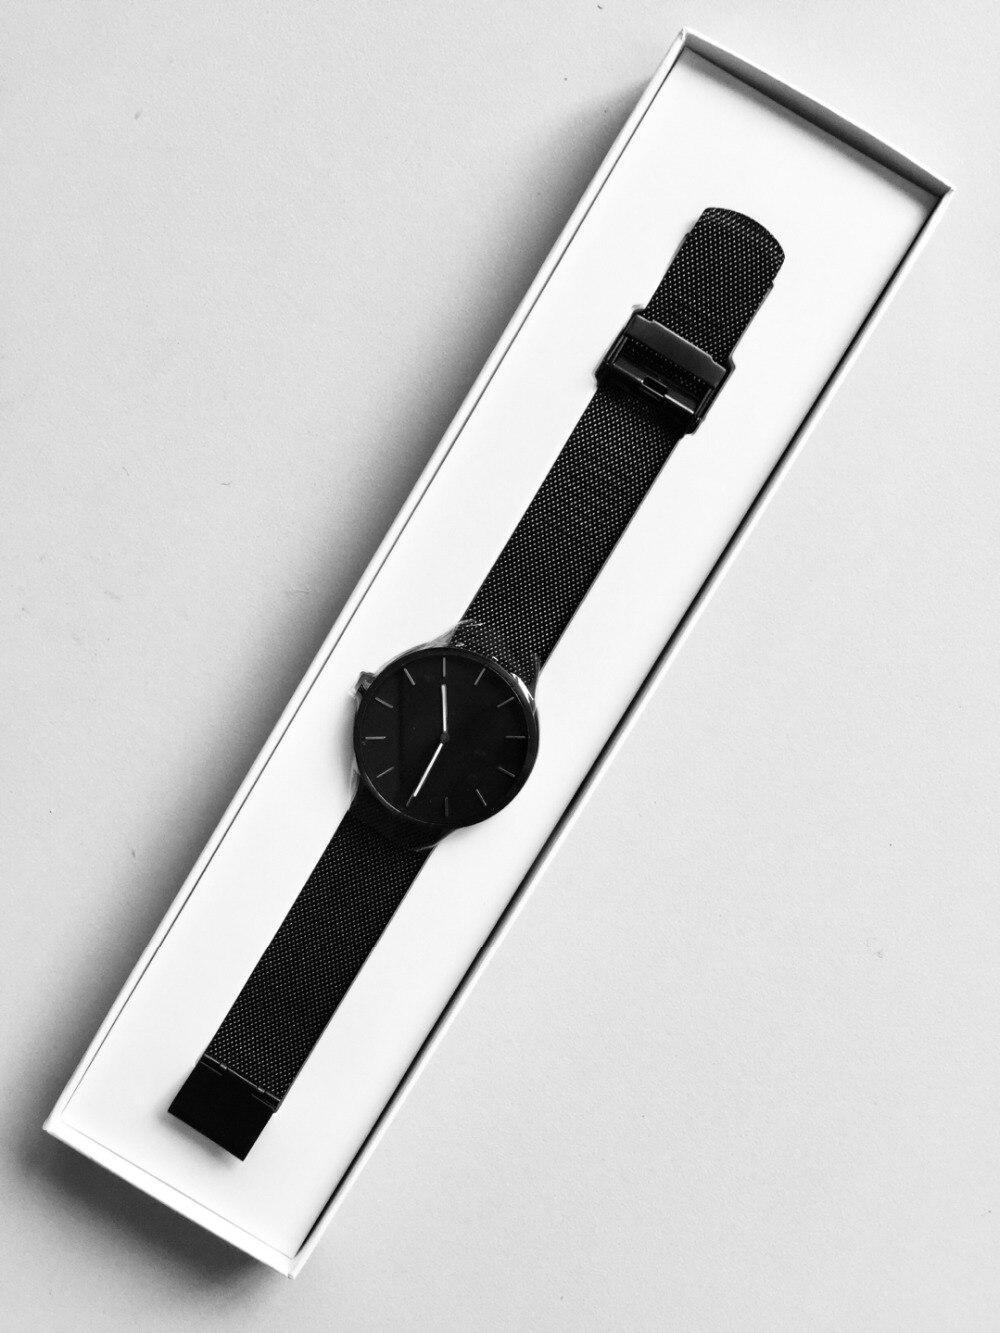 Nơi bán Đồng hồ Xiaomi Mijia TwentySeventeen unisex cho nam và nữ